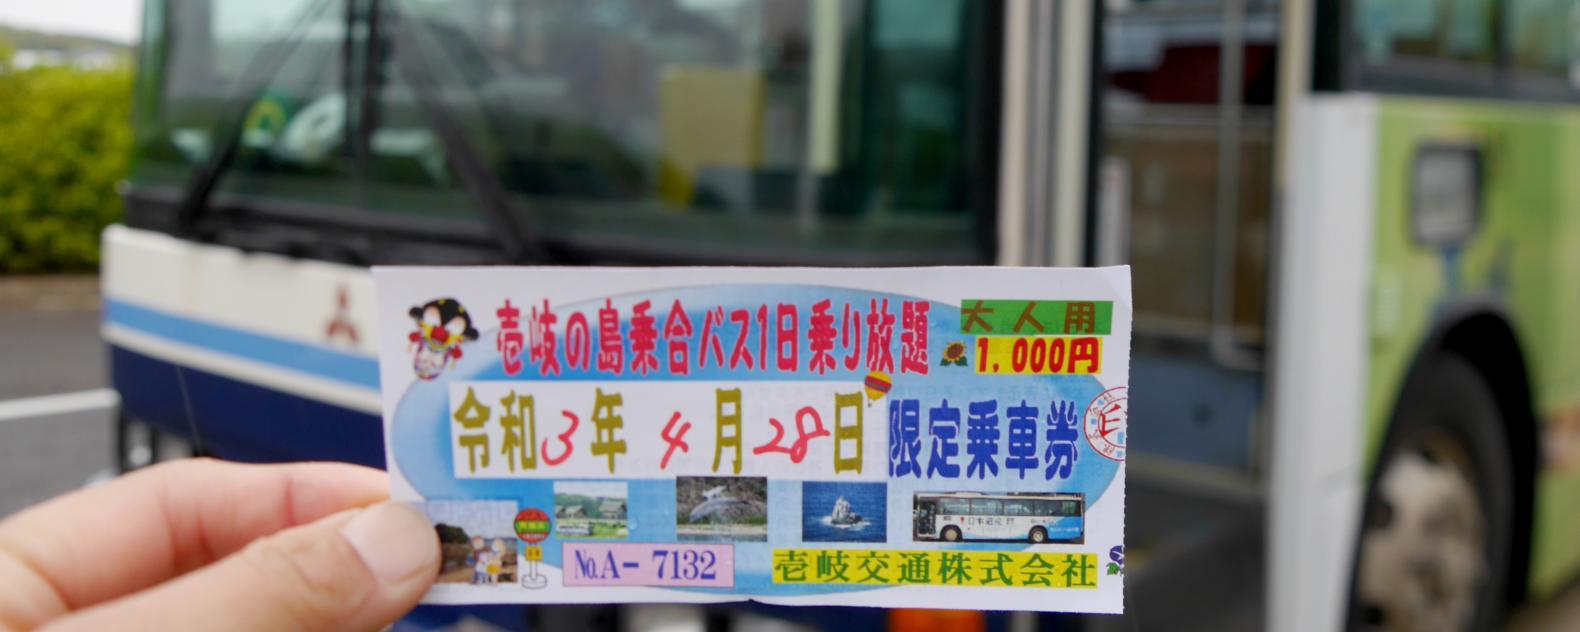 のんびりと車窓を眺めながら、1日乗り放題券を持って「ローカル路線バス」旅!!-1